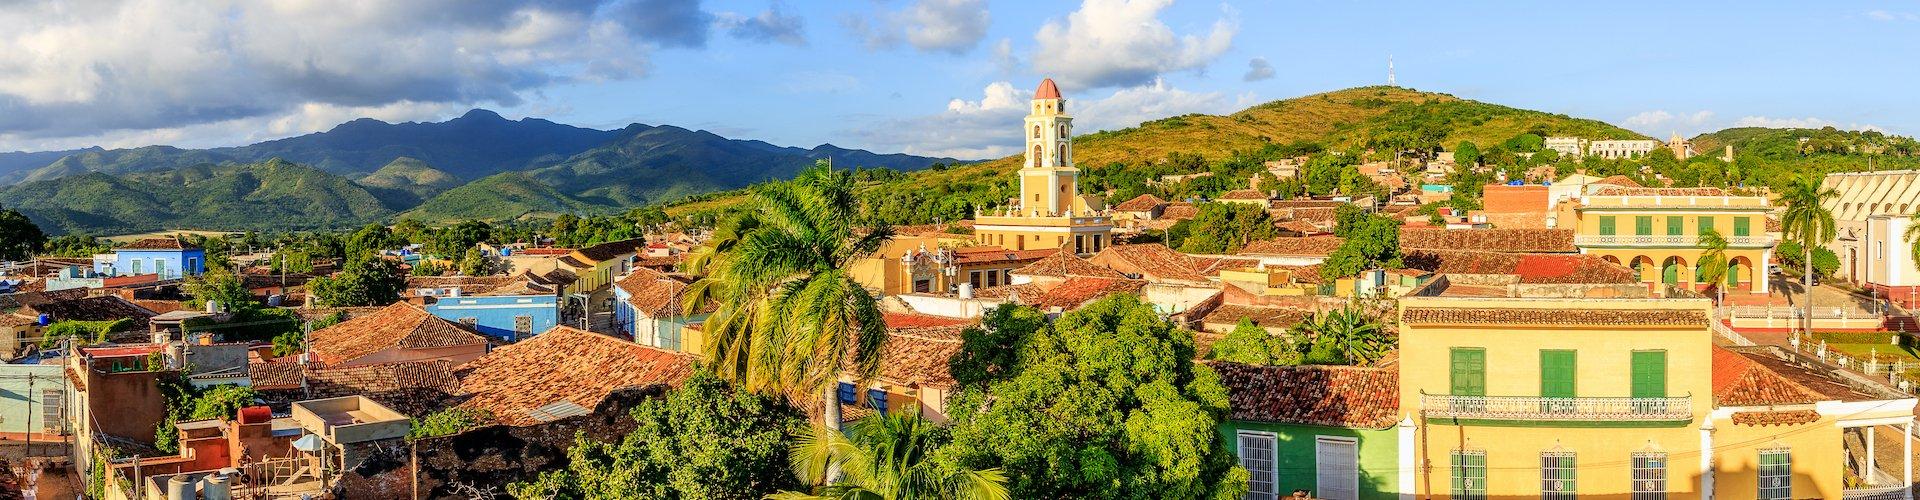 Ausflugsziel Trinidad